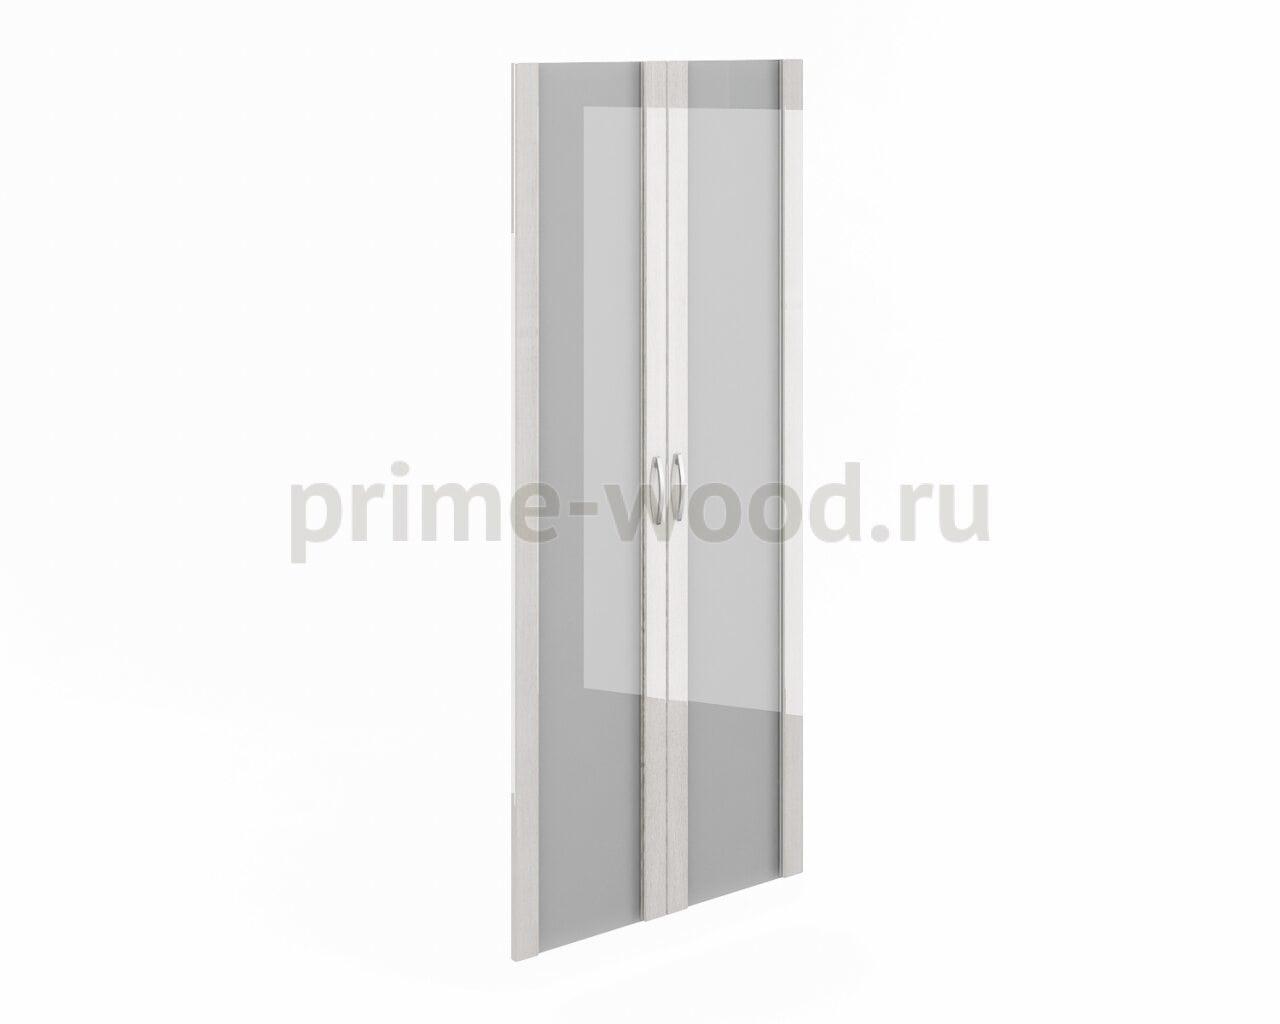 Дверь высокая стекло в рамке МДФ  КОНСУЛ II 40x2x191 - фото 1